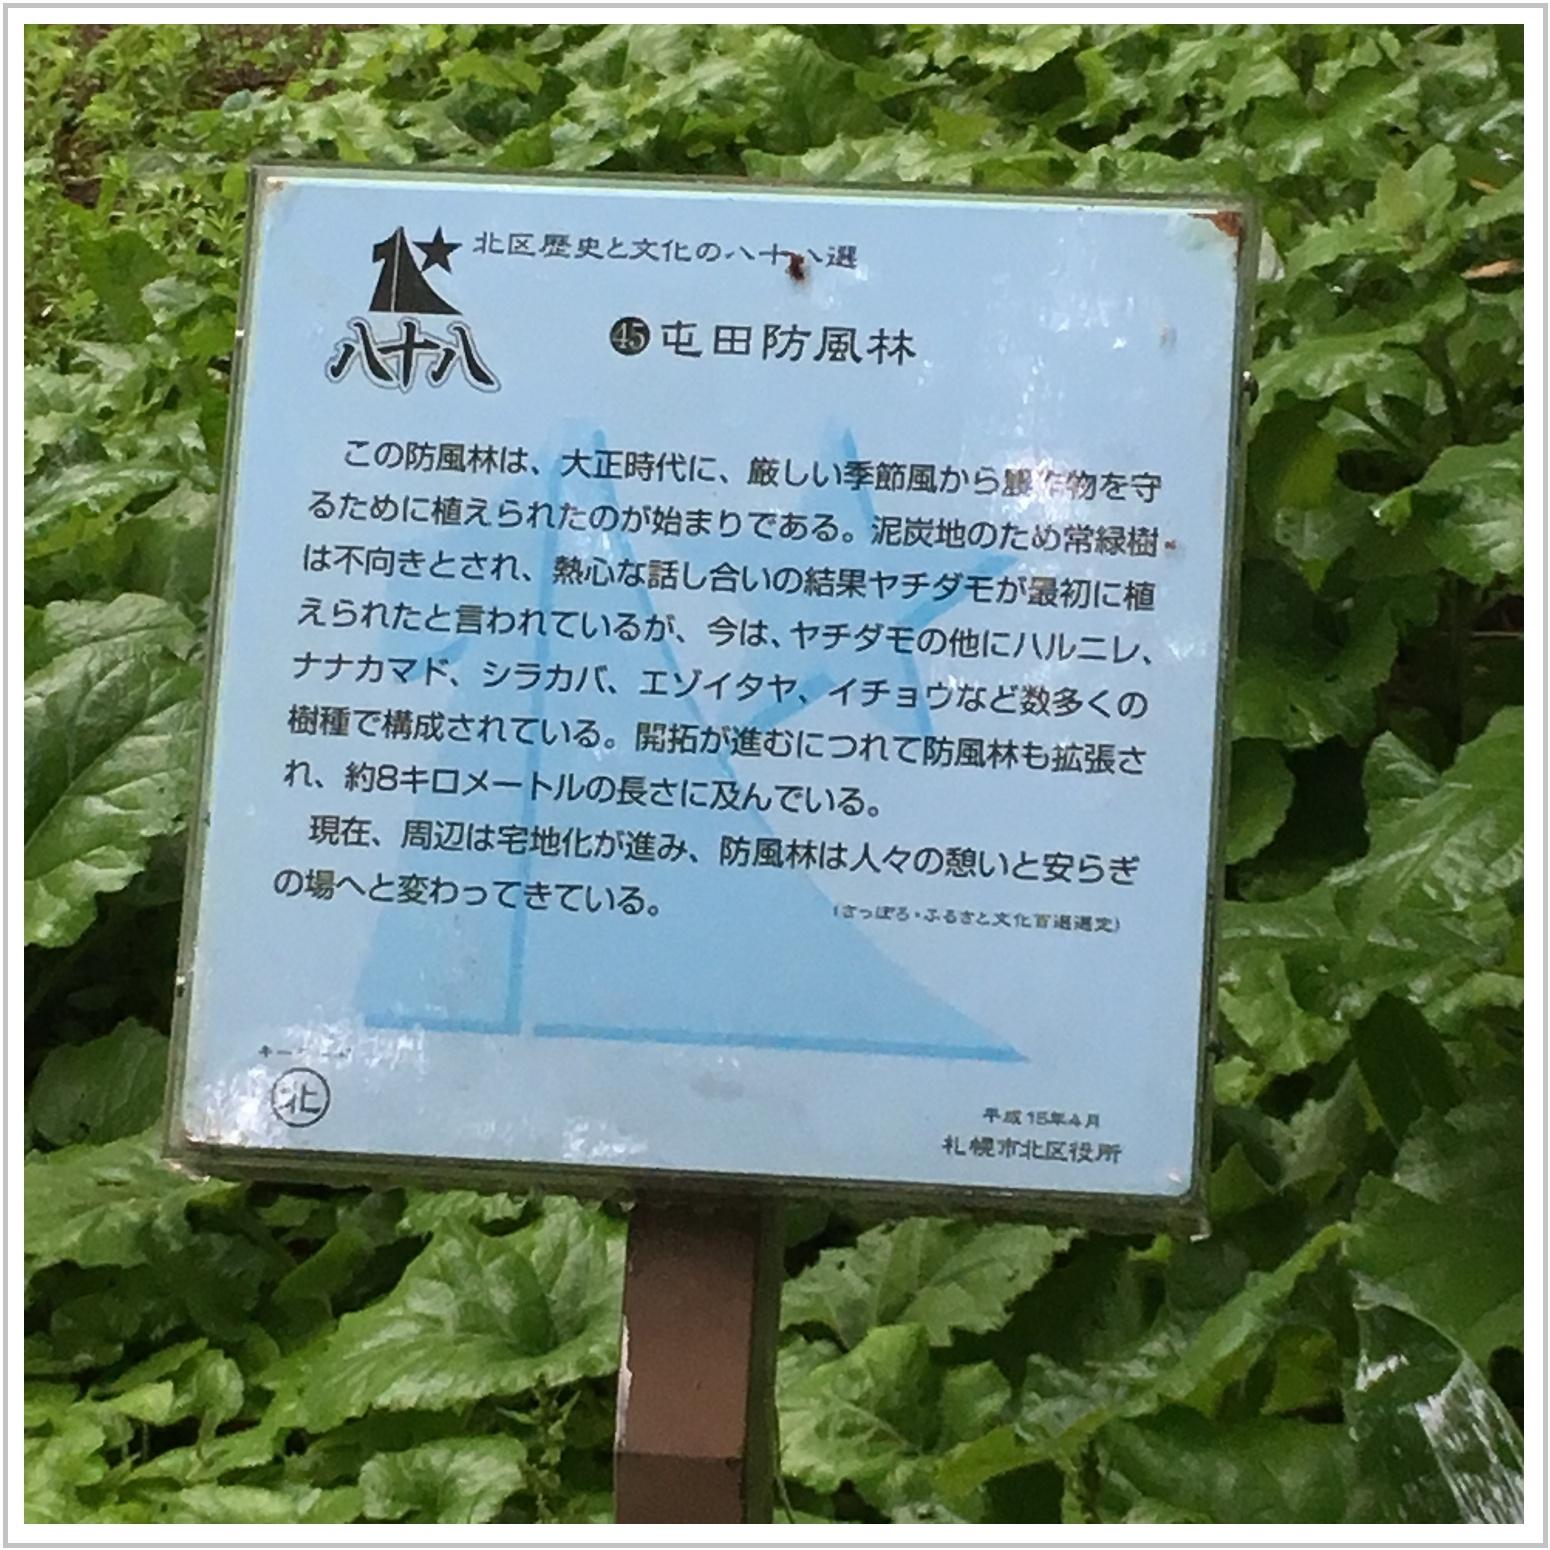 kannsatsukai_23_710.jpg